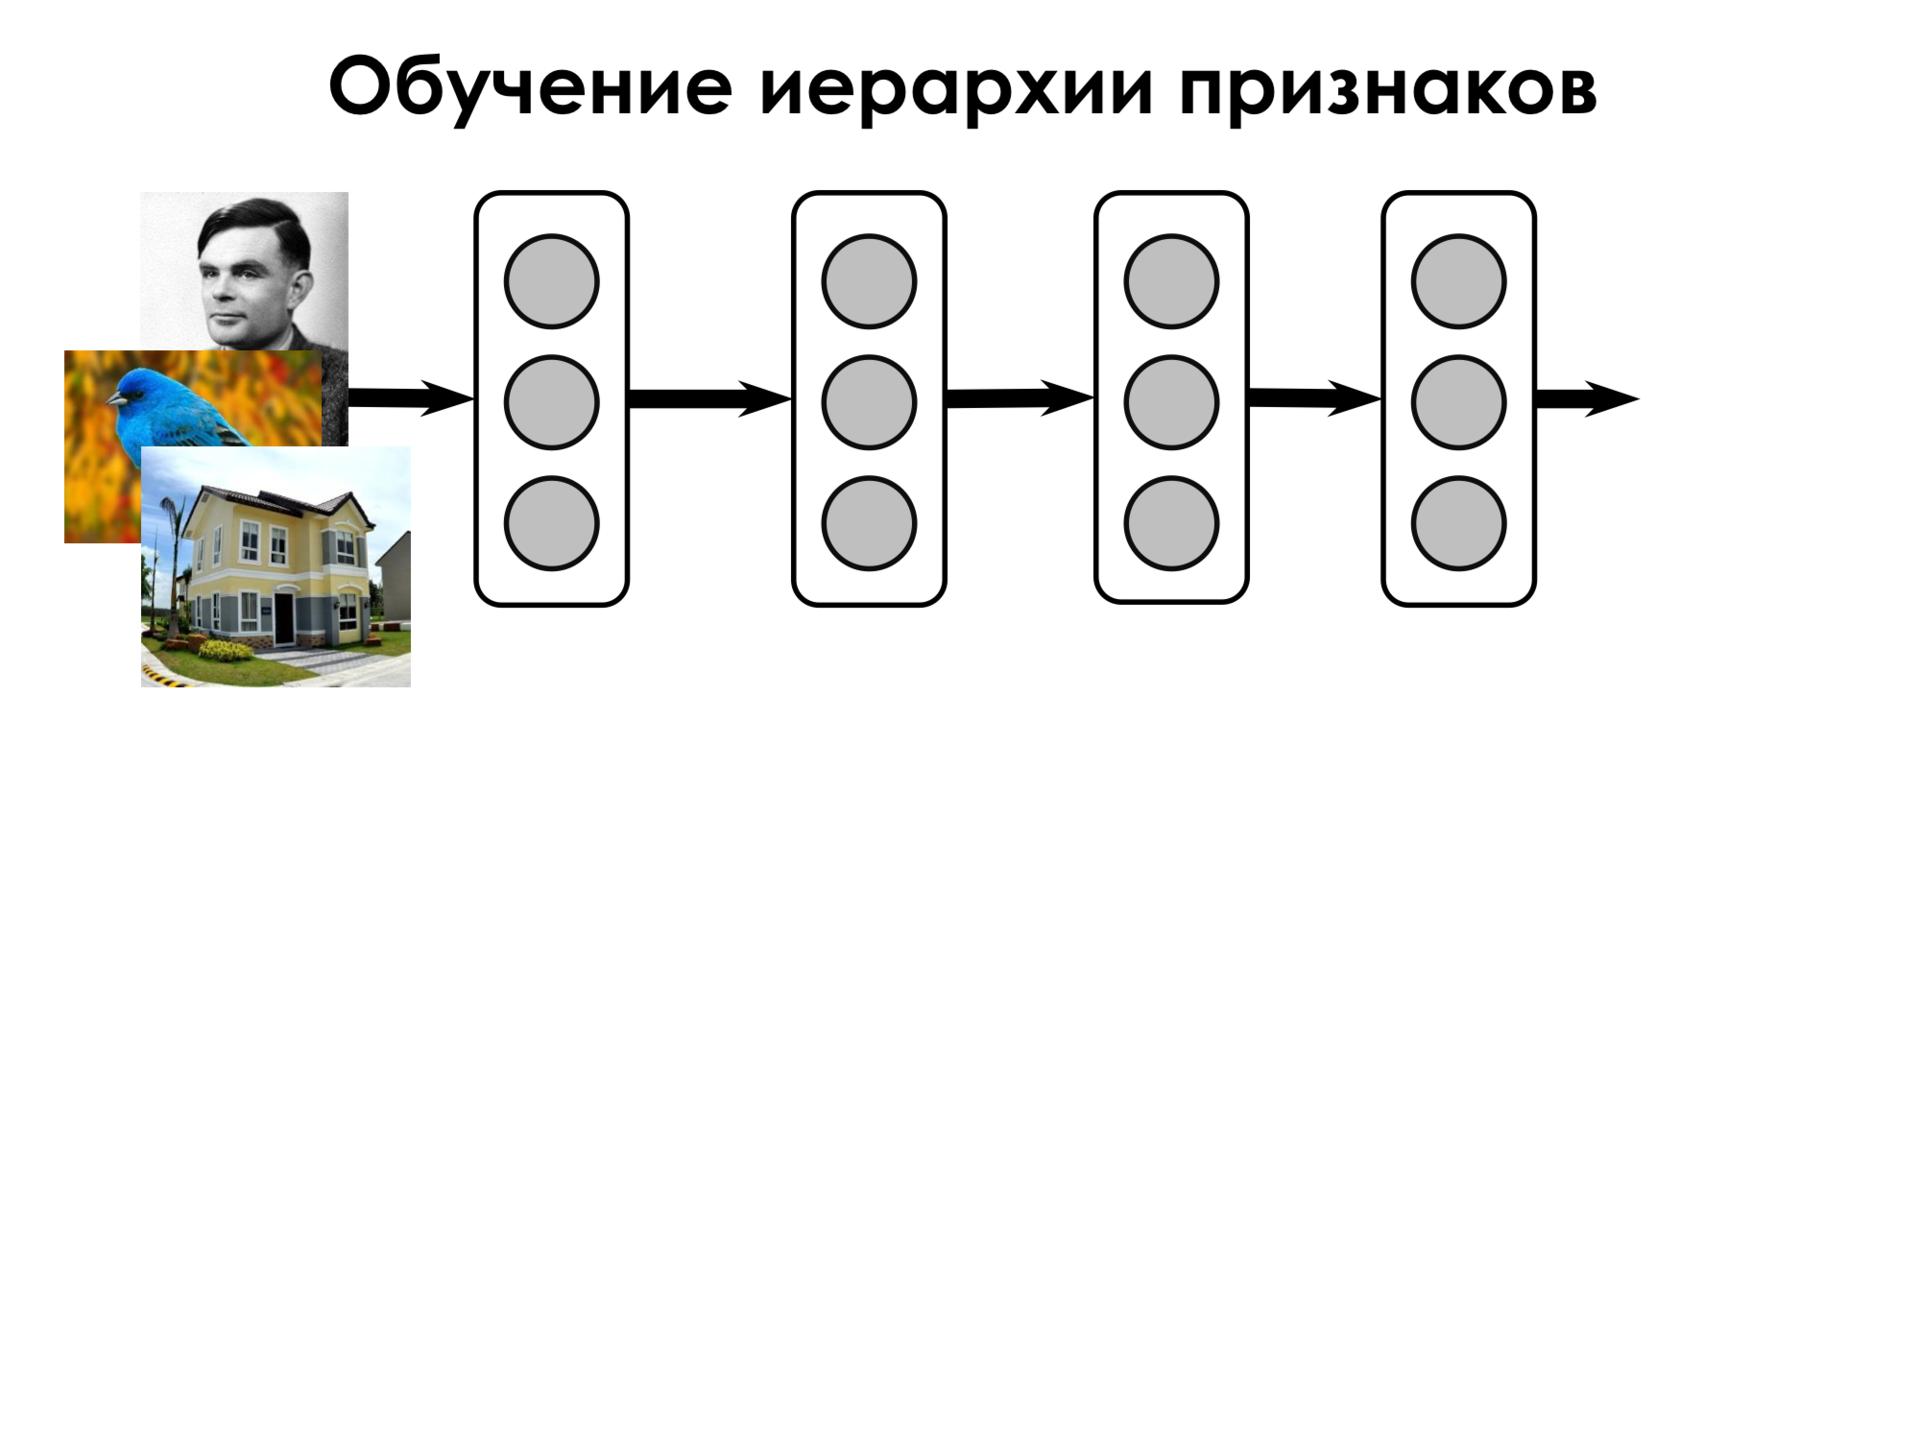 Самое главное о нейронных сетях. Лекция в Яндексе - 18